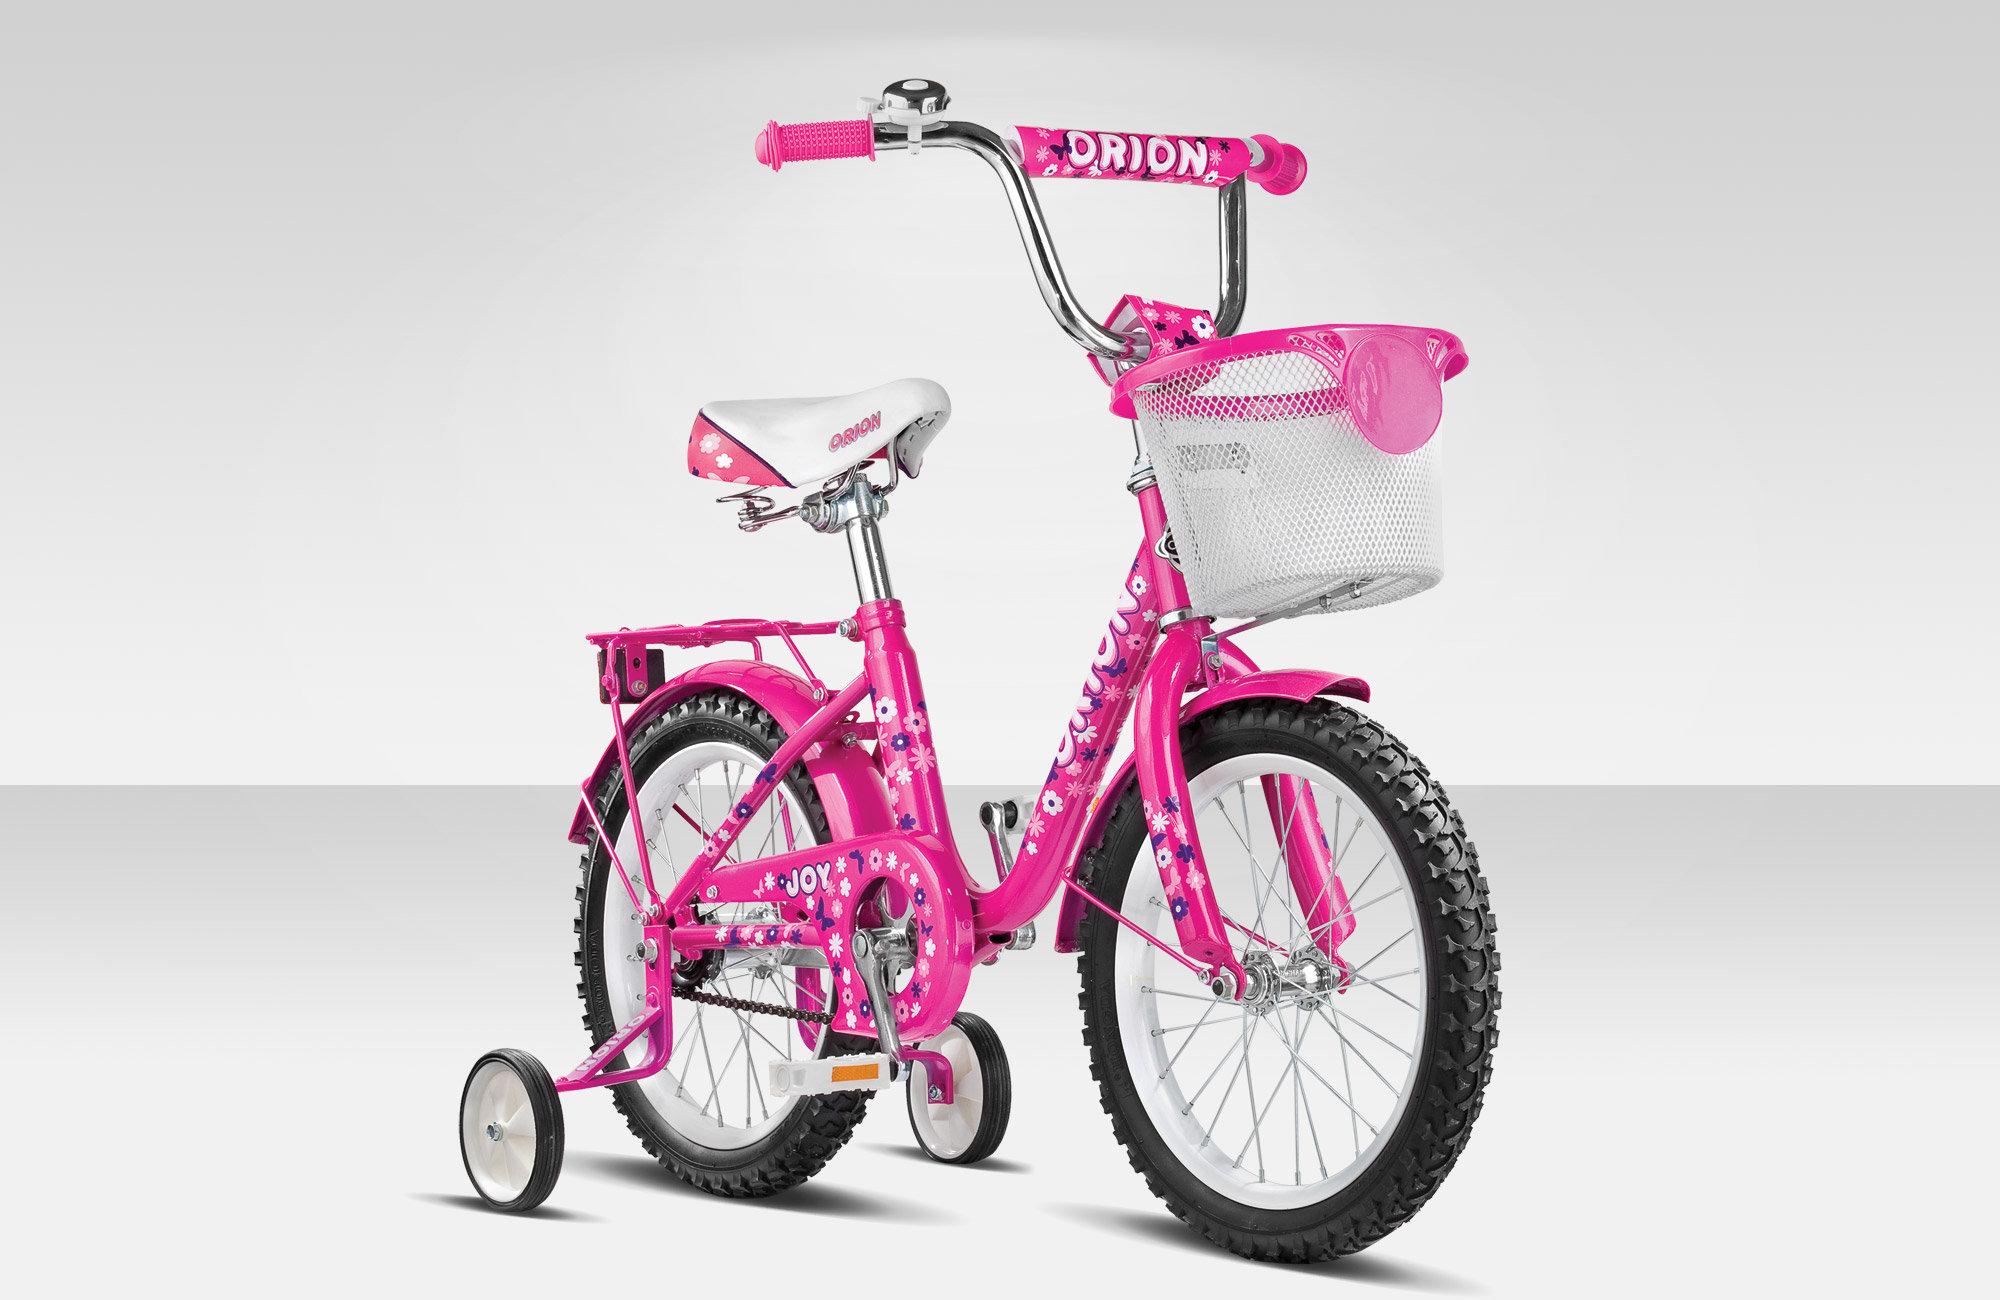 переключение скоростей на велосипеде схема детям